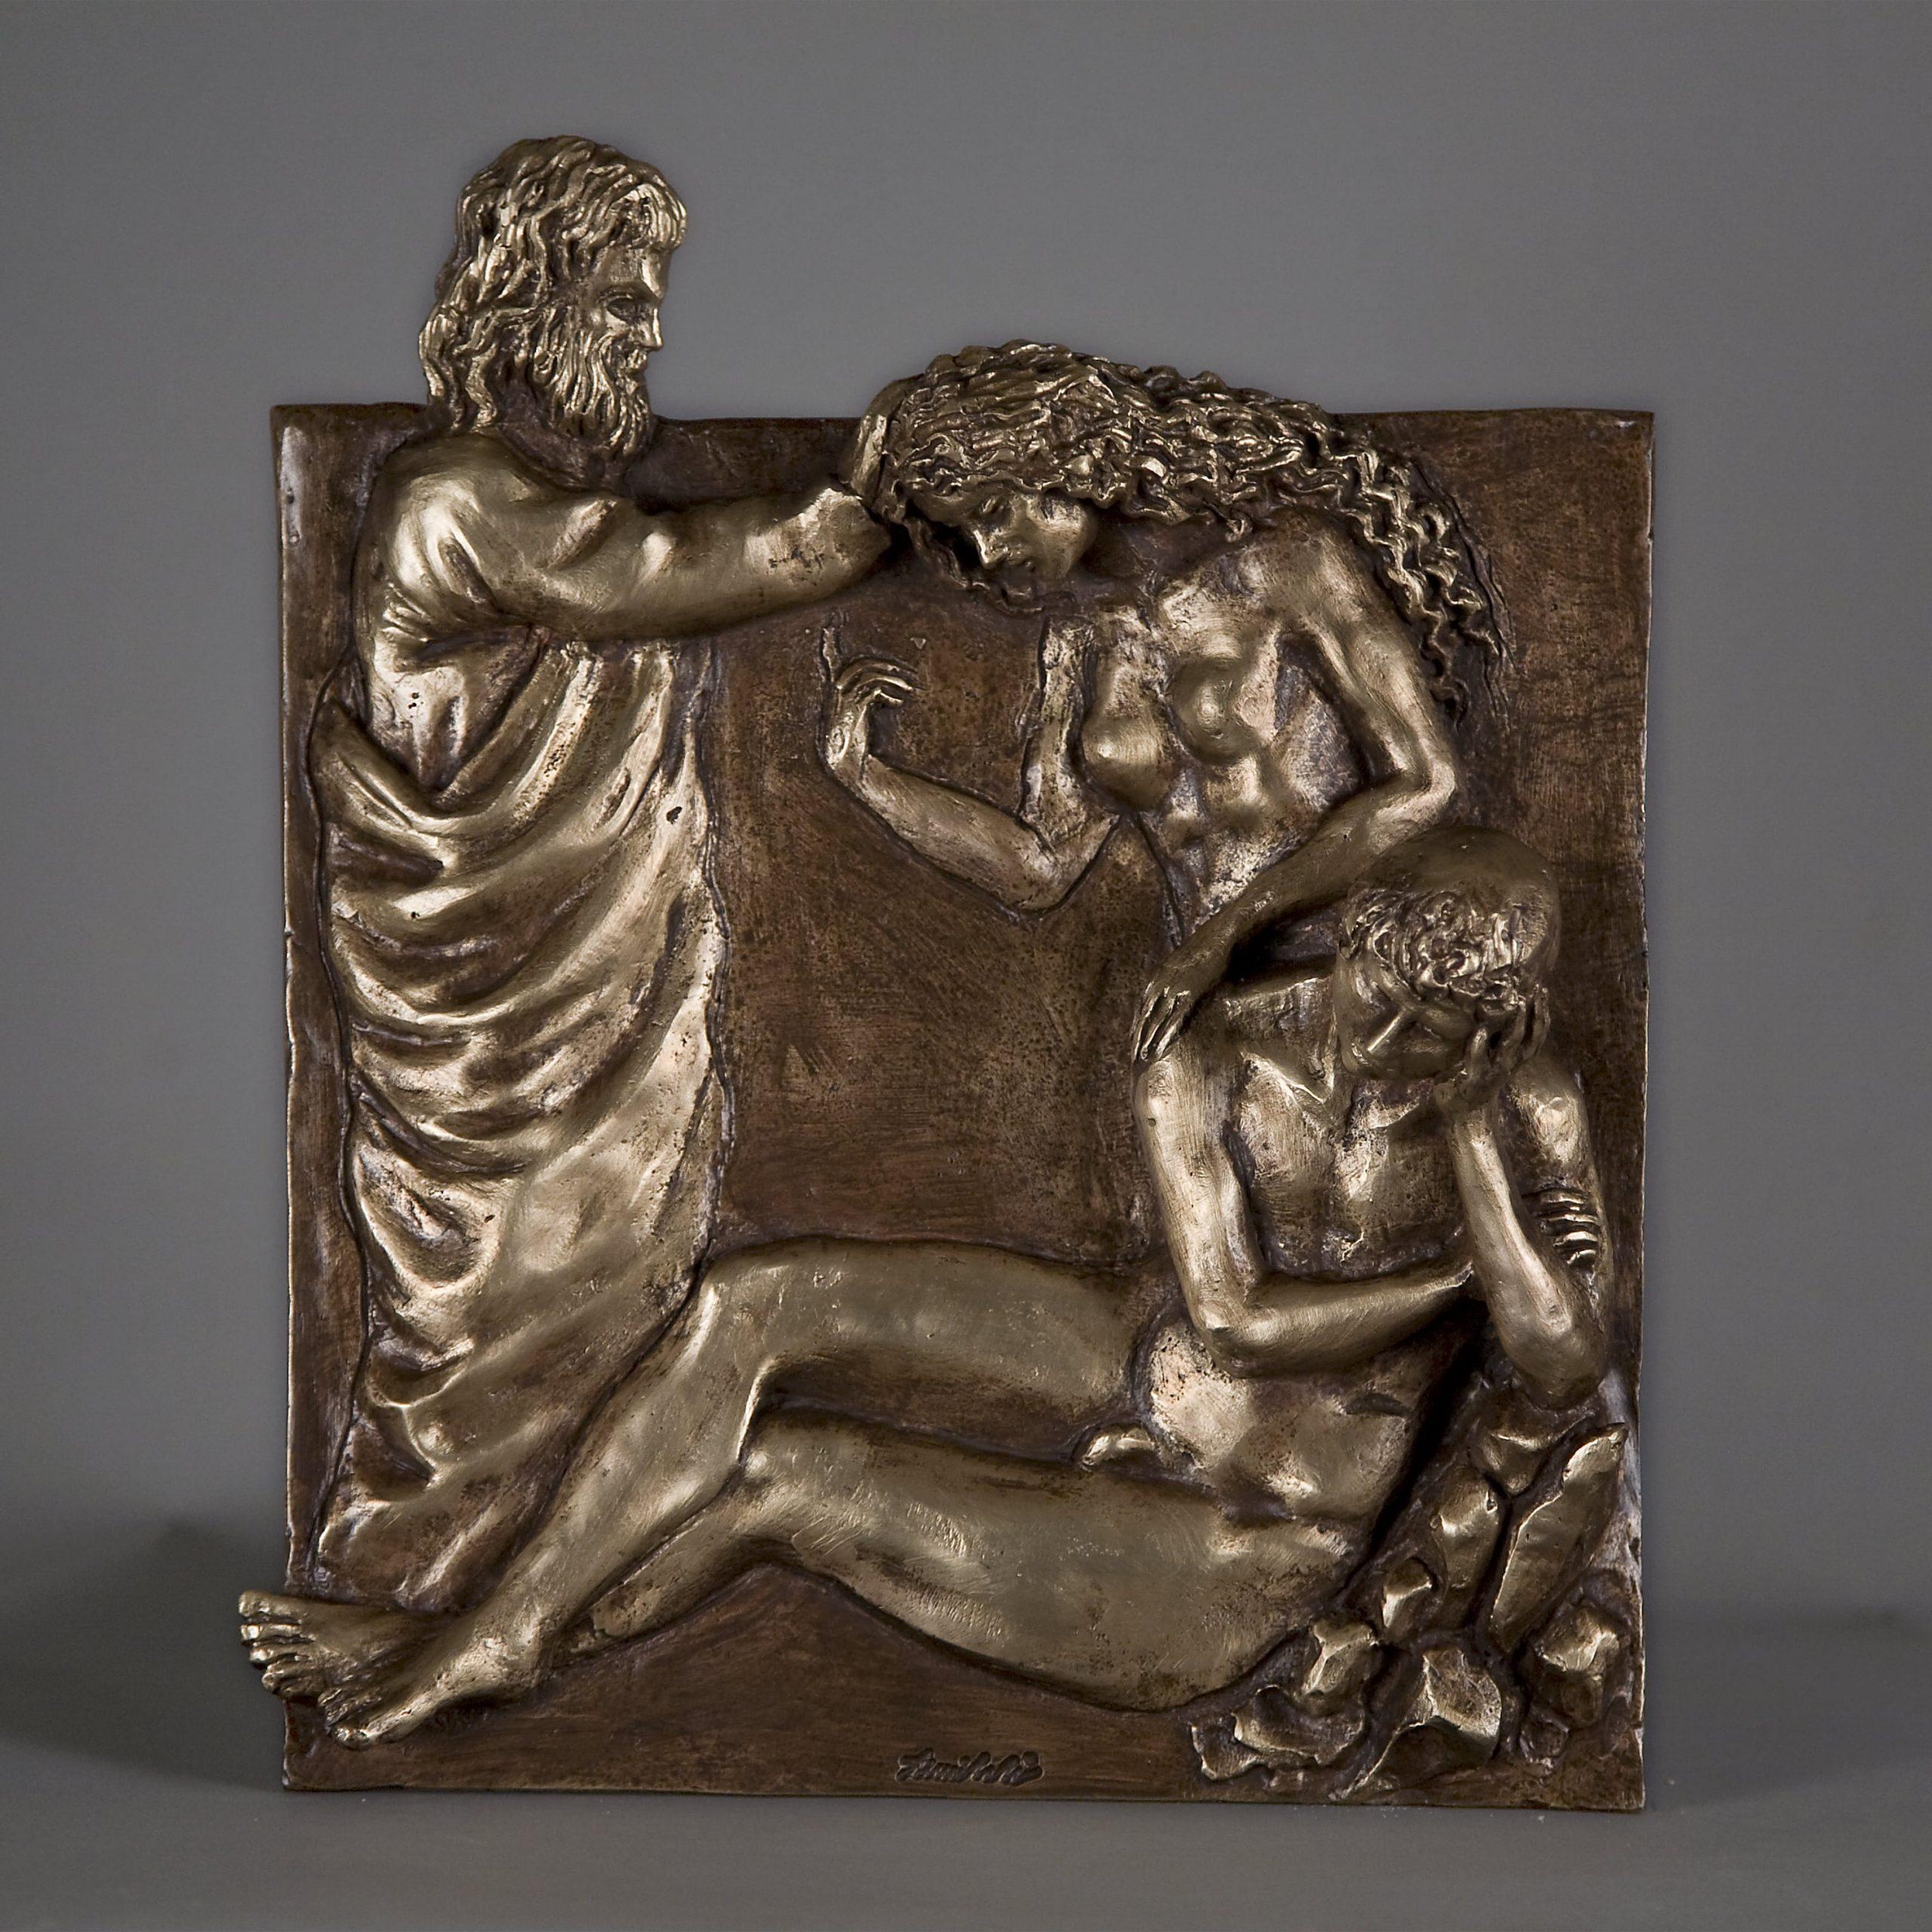 La Nascita di Eva realizzata nel 2015 in bronzo